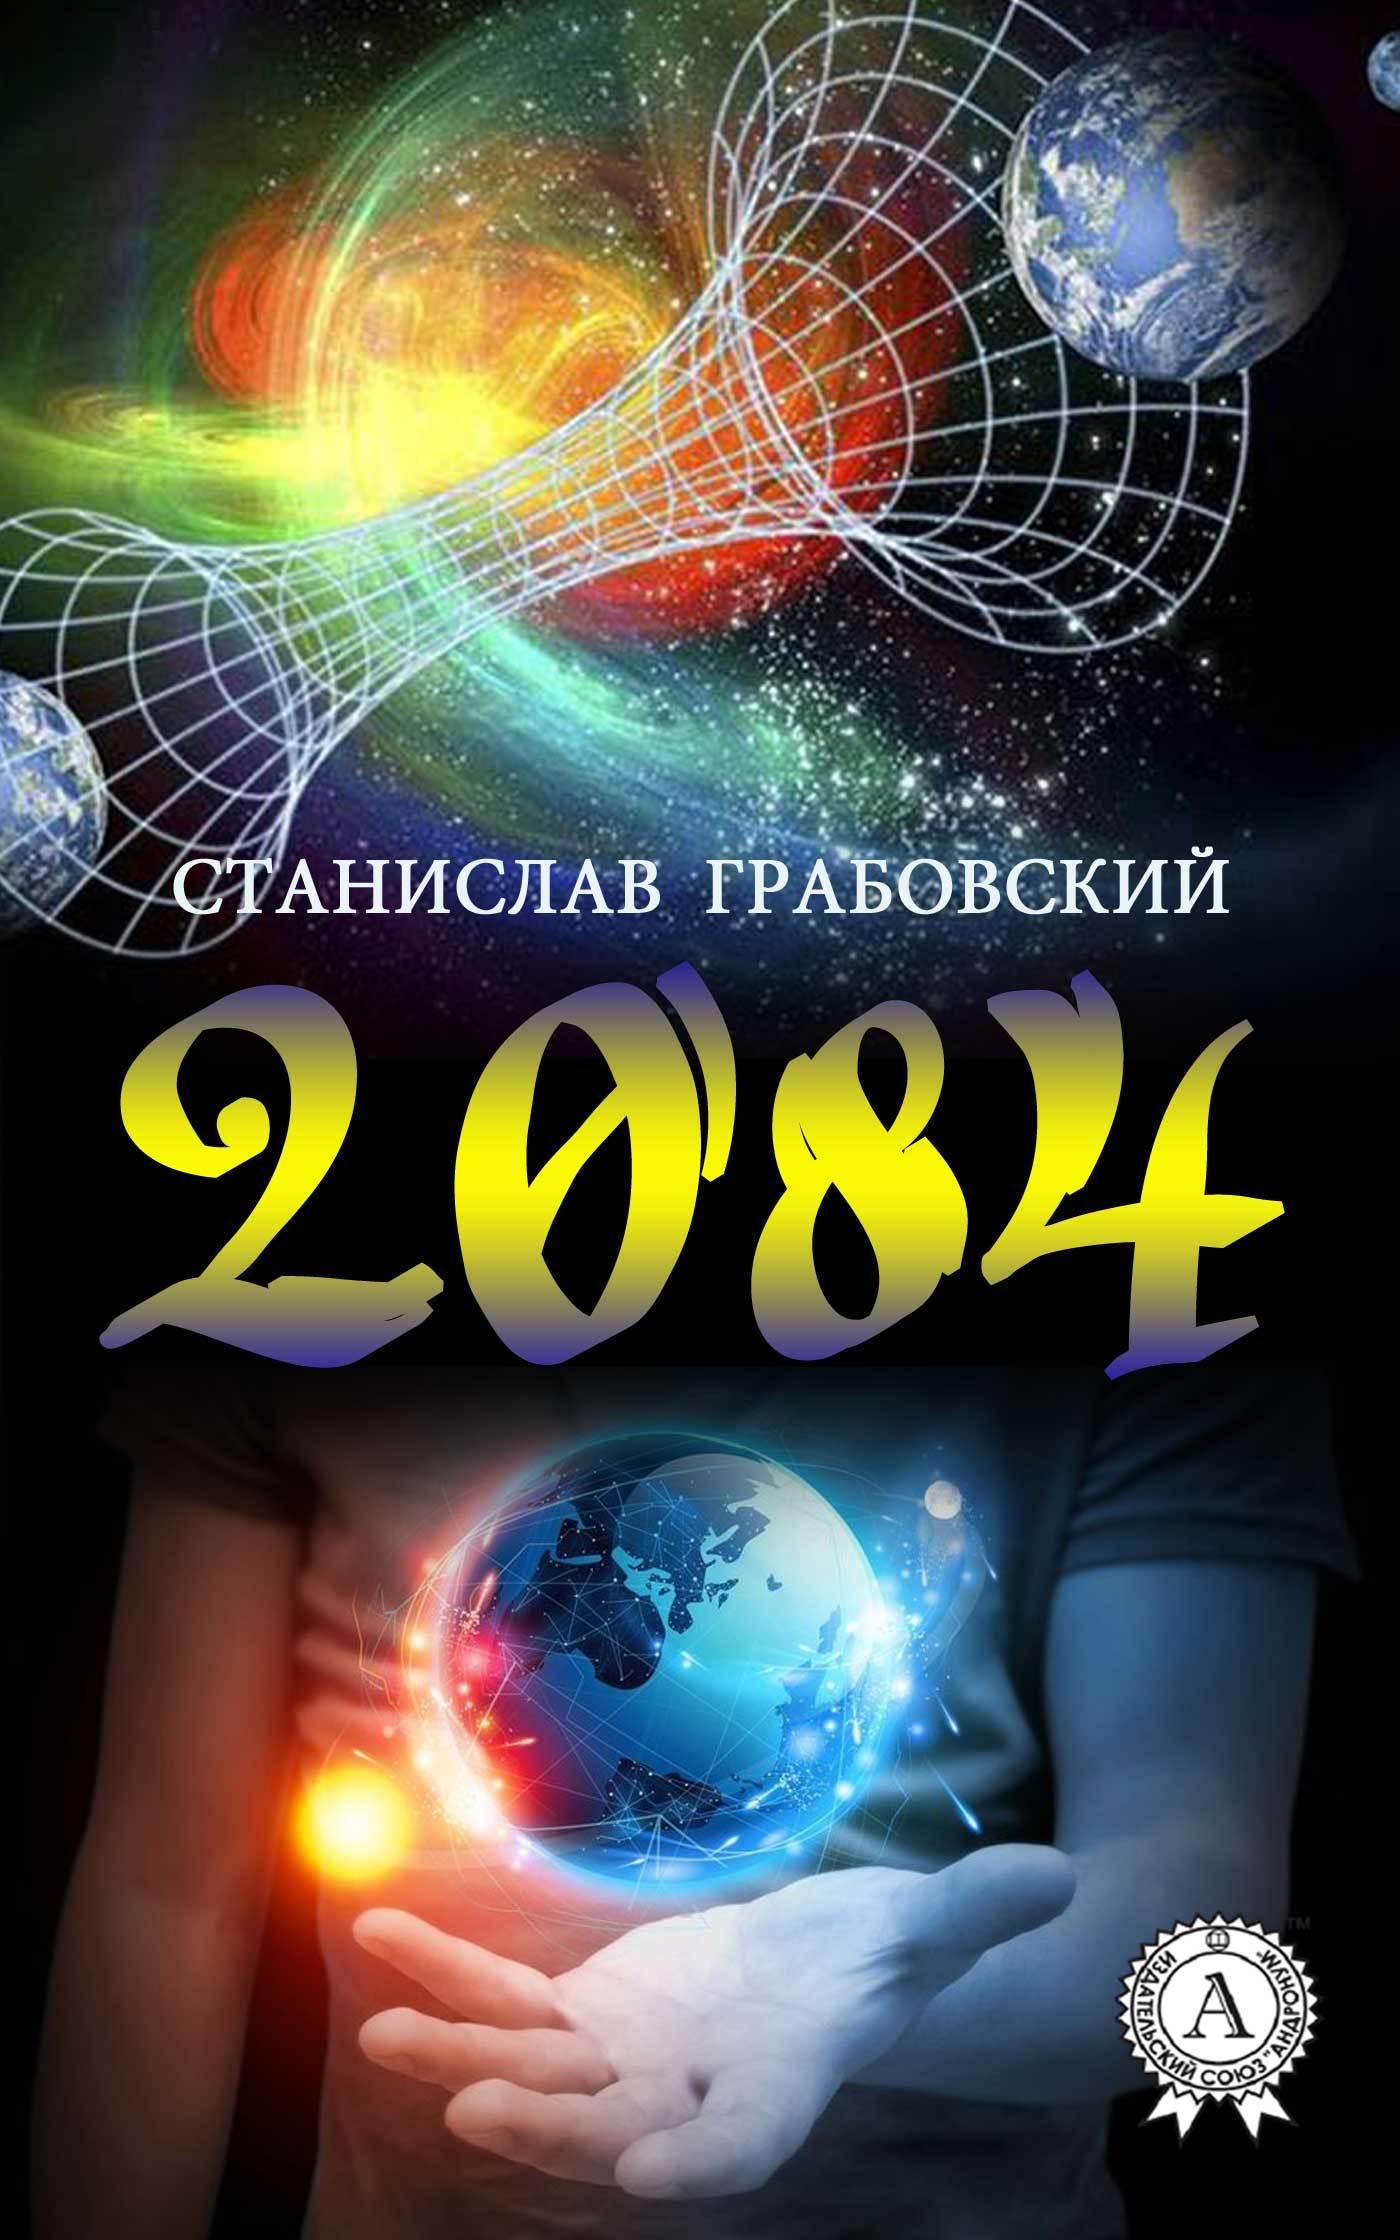 Станислав Грабовский - 2084